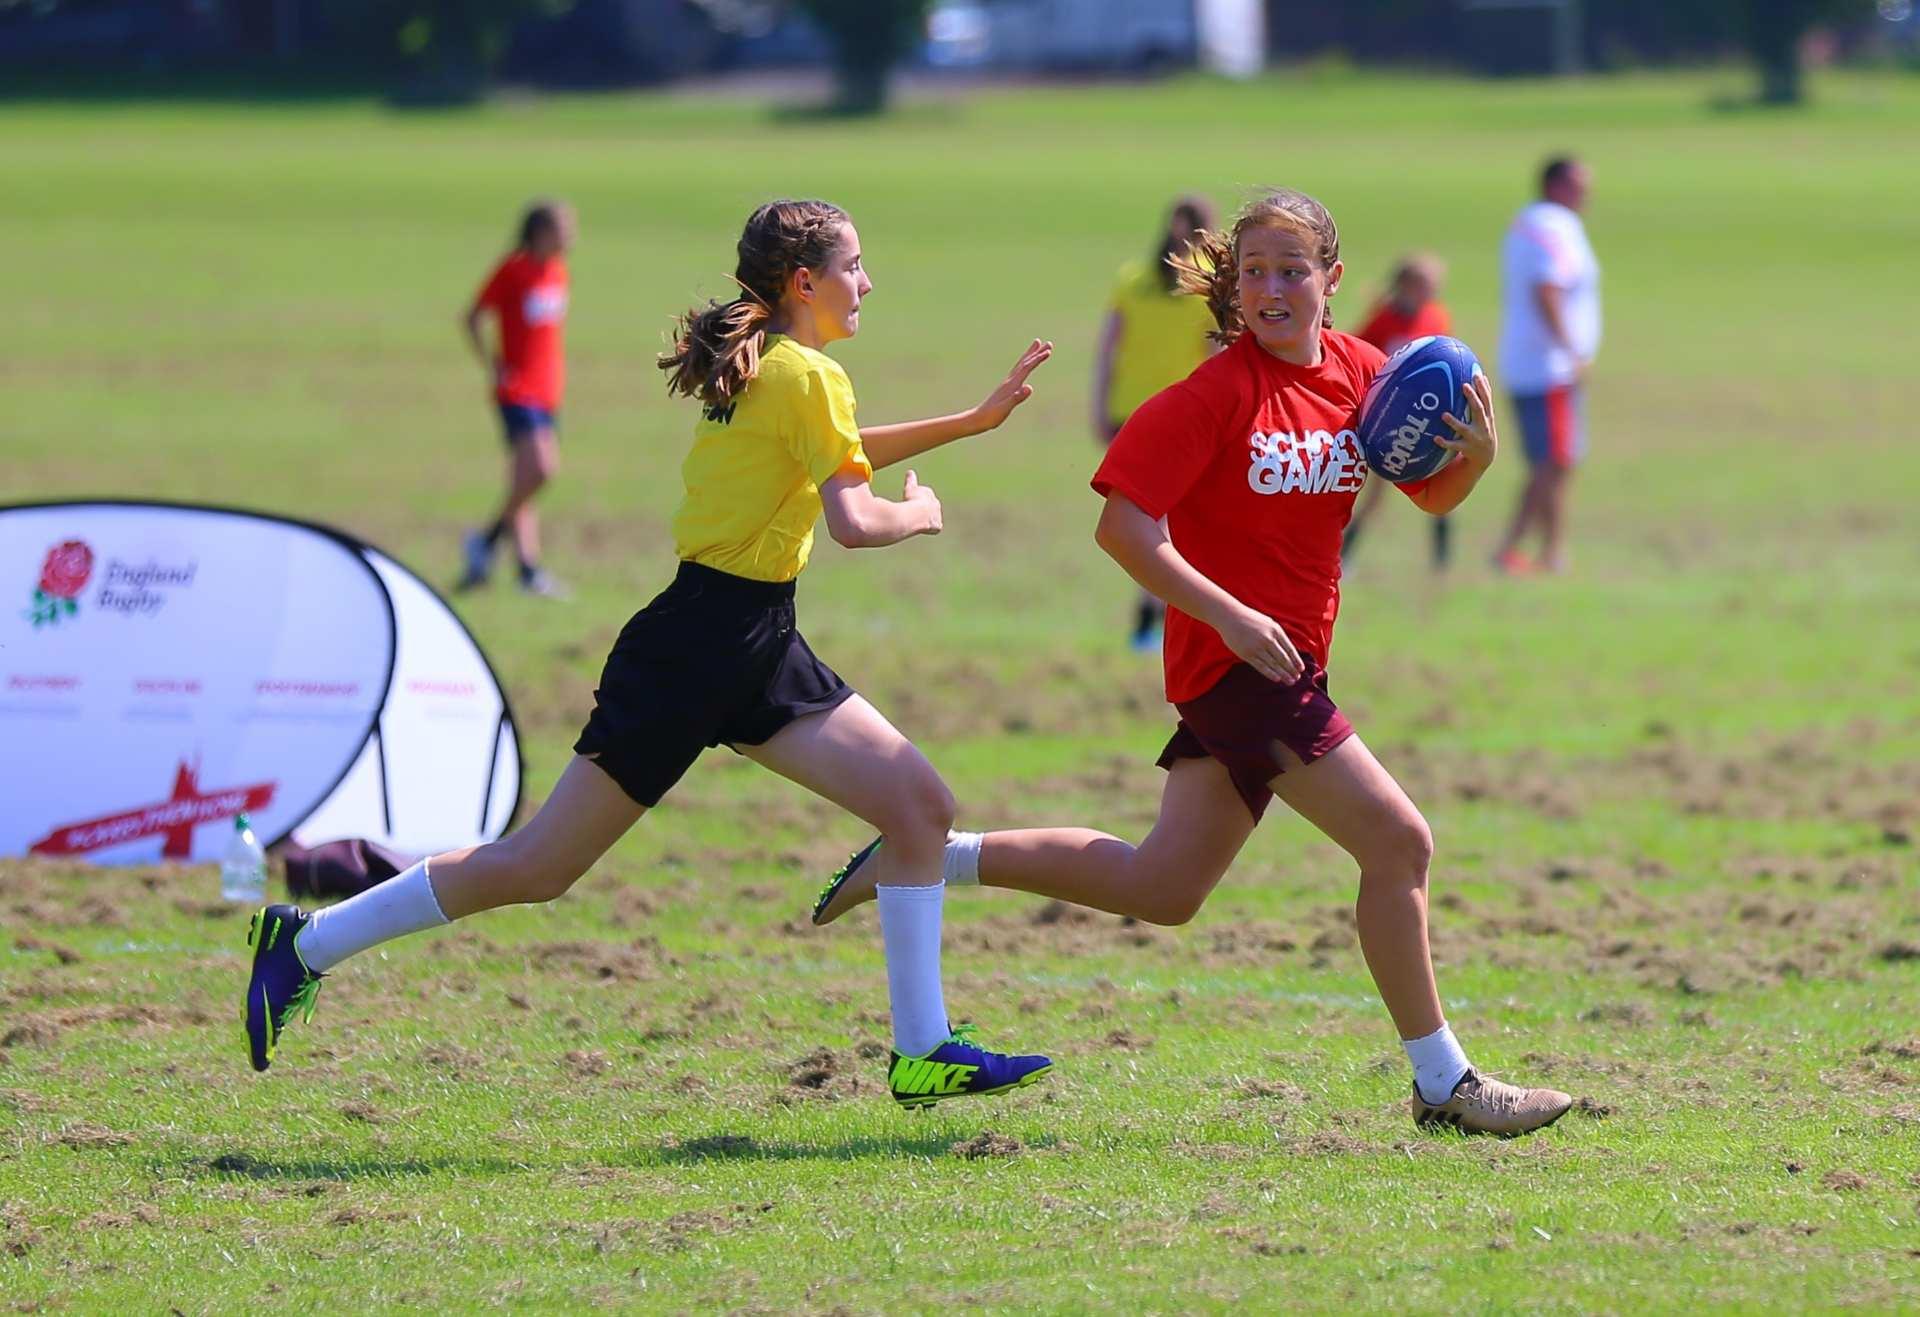 https://merseysidesport.com/wp-content/uploads/2020/08/Girls-Touch-Rugby.jpg